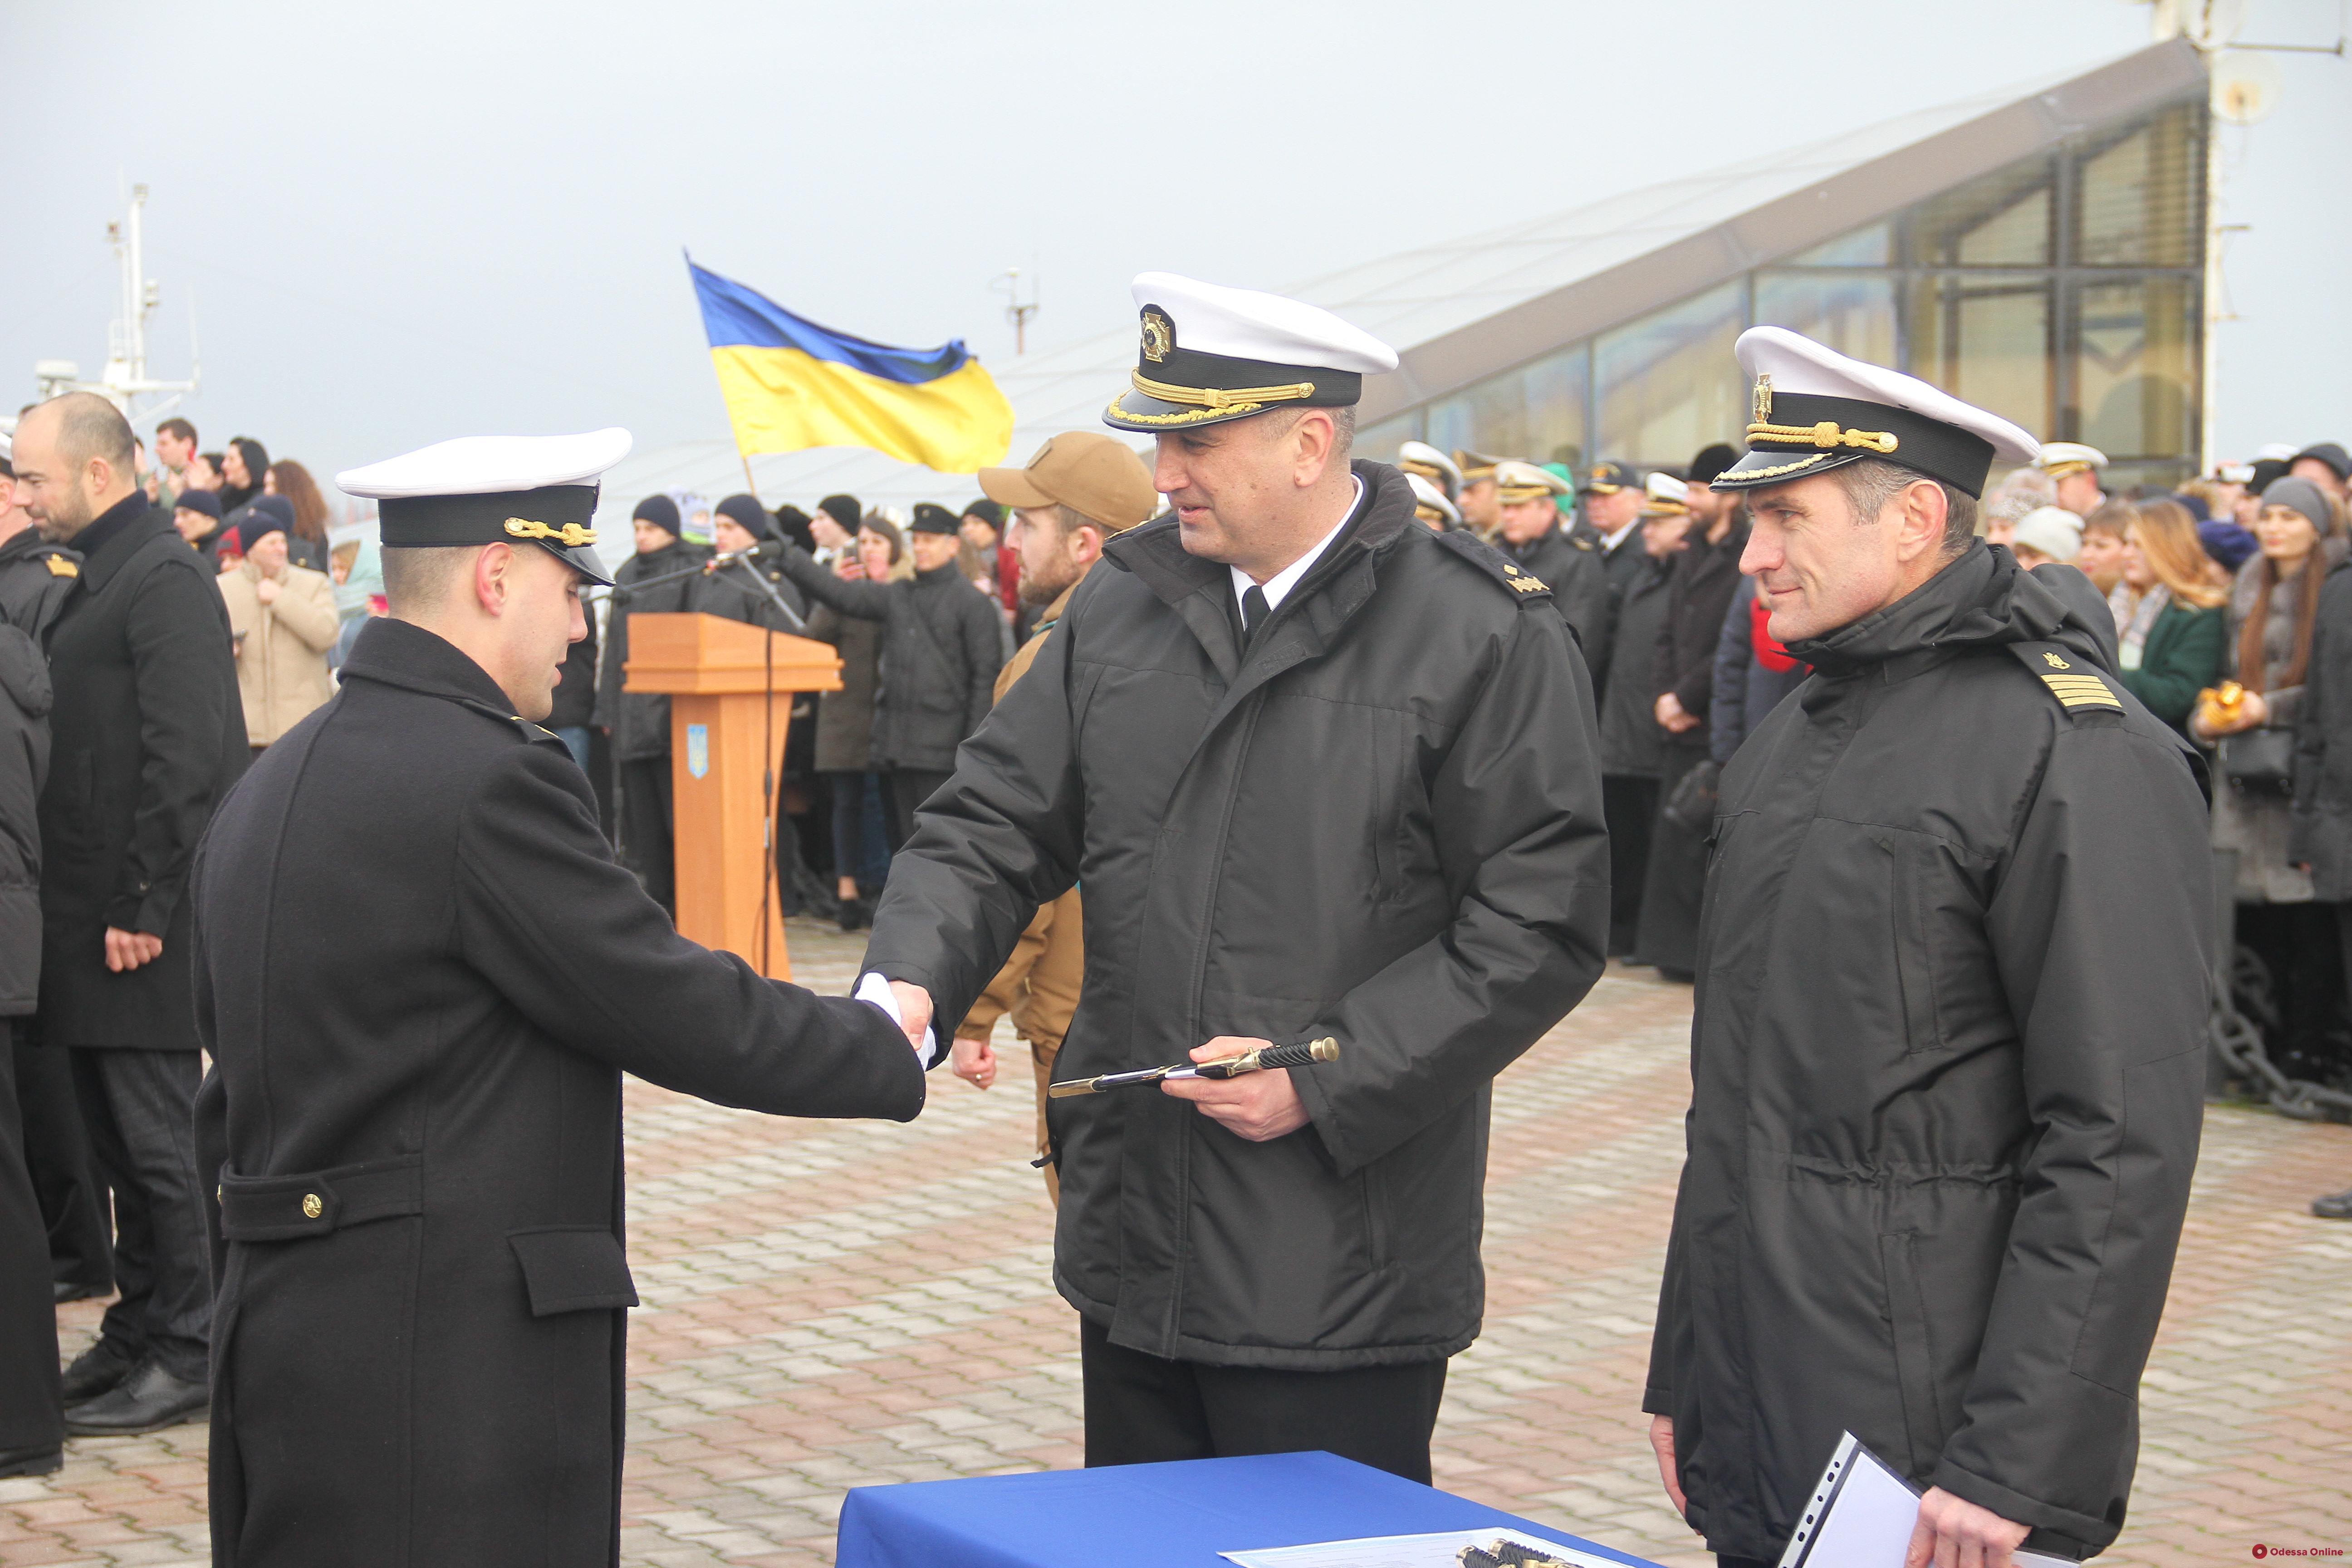 В Одессе прошла церемония выпуска лейтенантов Военно-морских сил (фото)